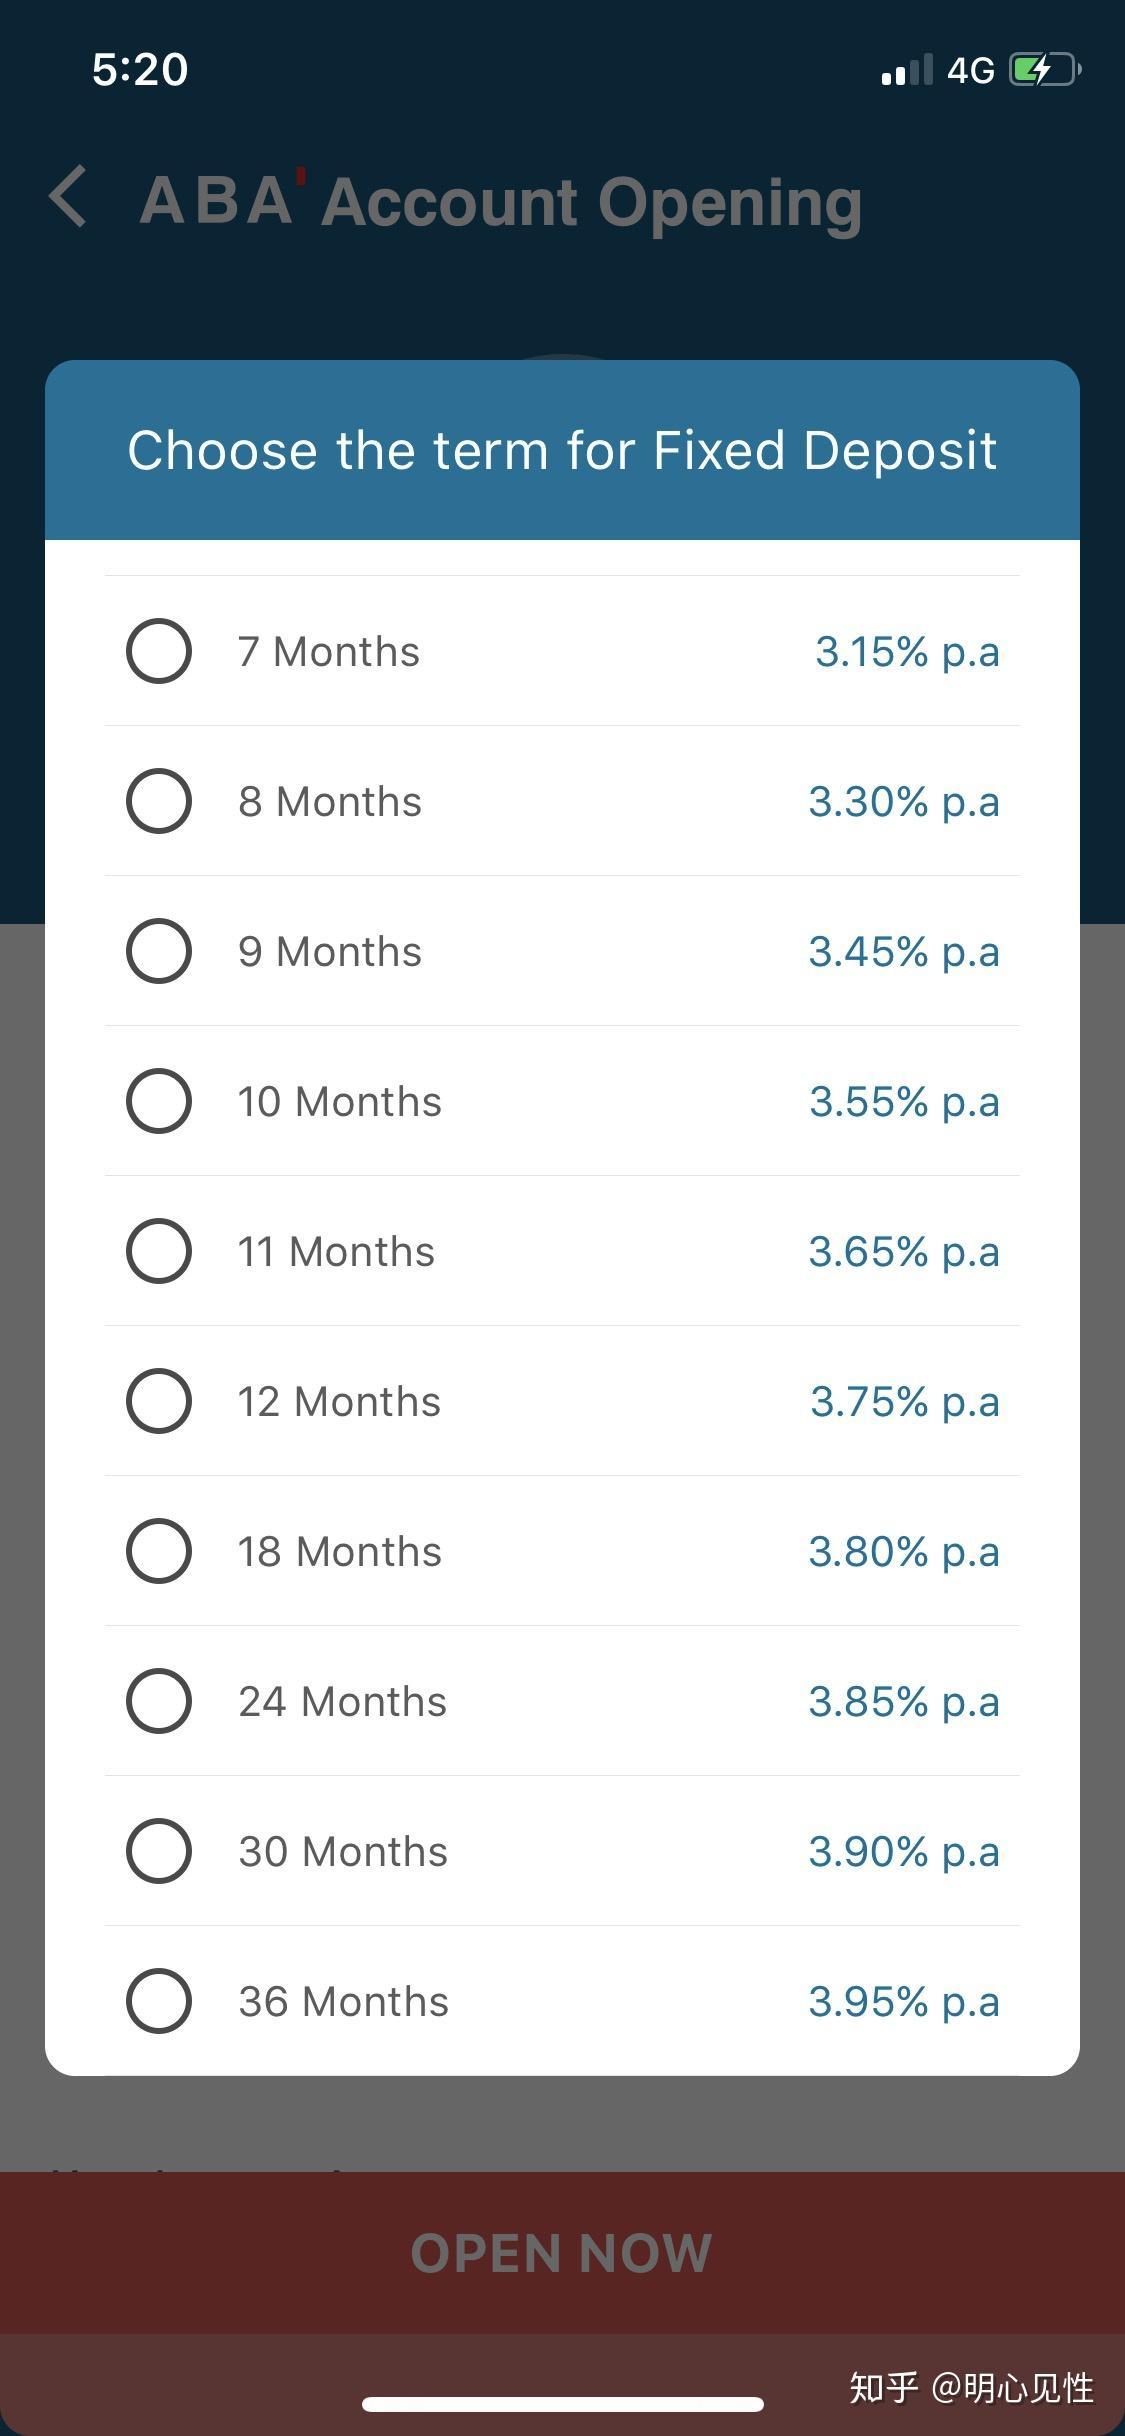 目前世界上美元存款利率最高的地方是哪兒? - 知乎